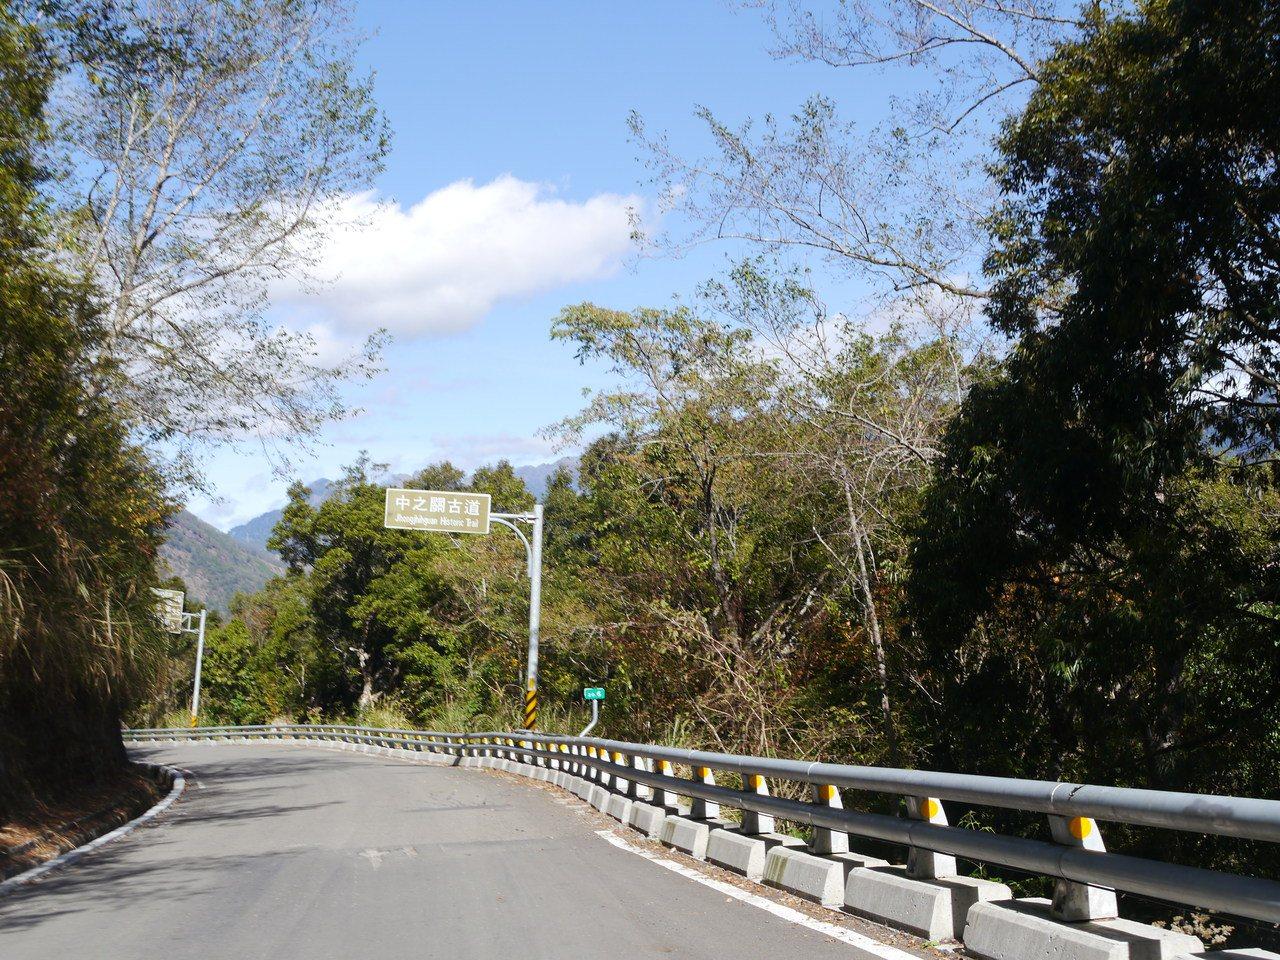 觀光局輔導營運的「台灣觀巴」桃源中之關古道路線上路不久,沿途會經過十八羅漢山風景...